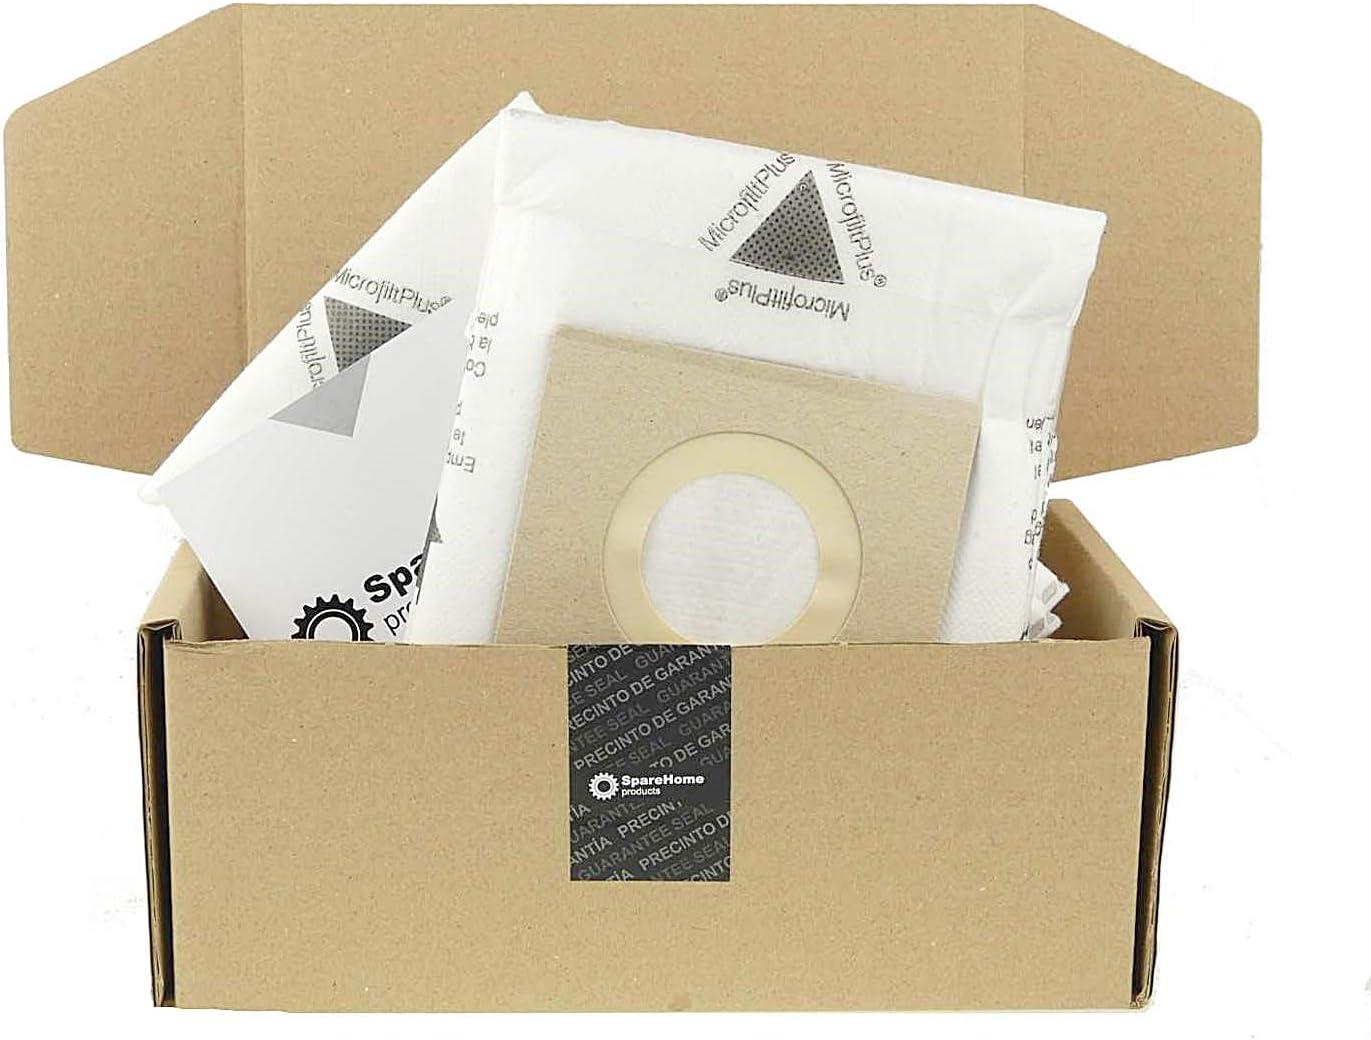 SpareHome 10 Bolsas 2 microfiltros recortables para Aspirador Hoover Telios Extra H81: Amazon.es: Hogar